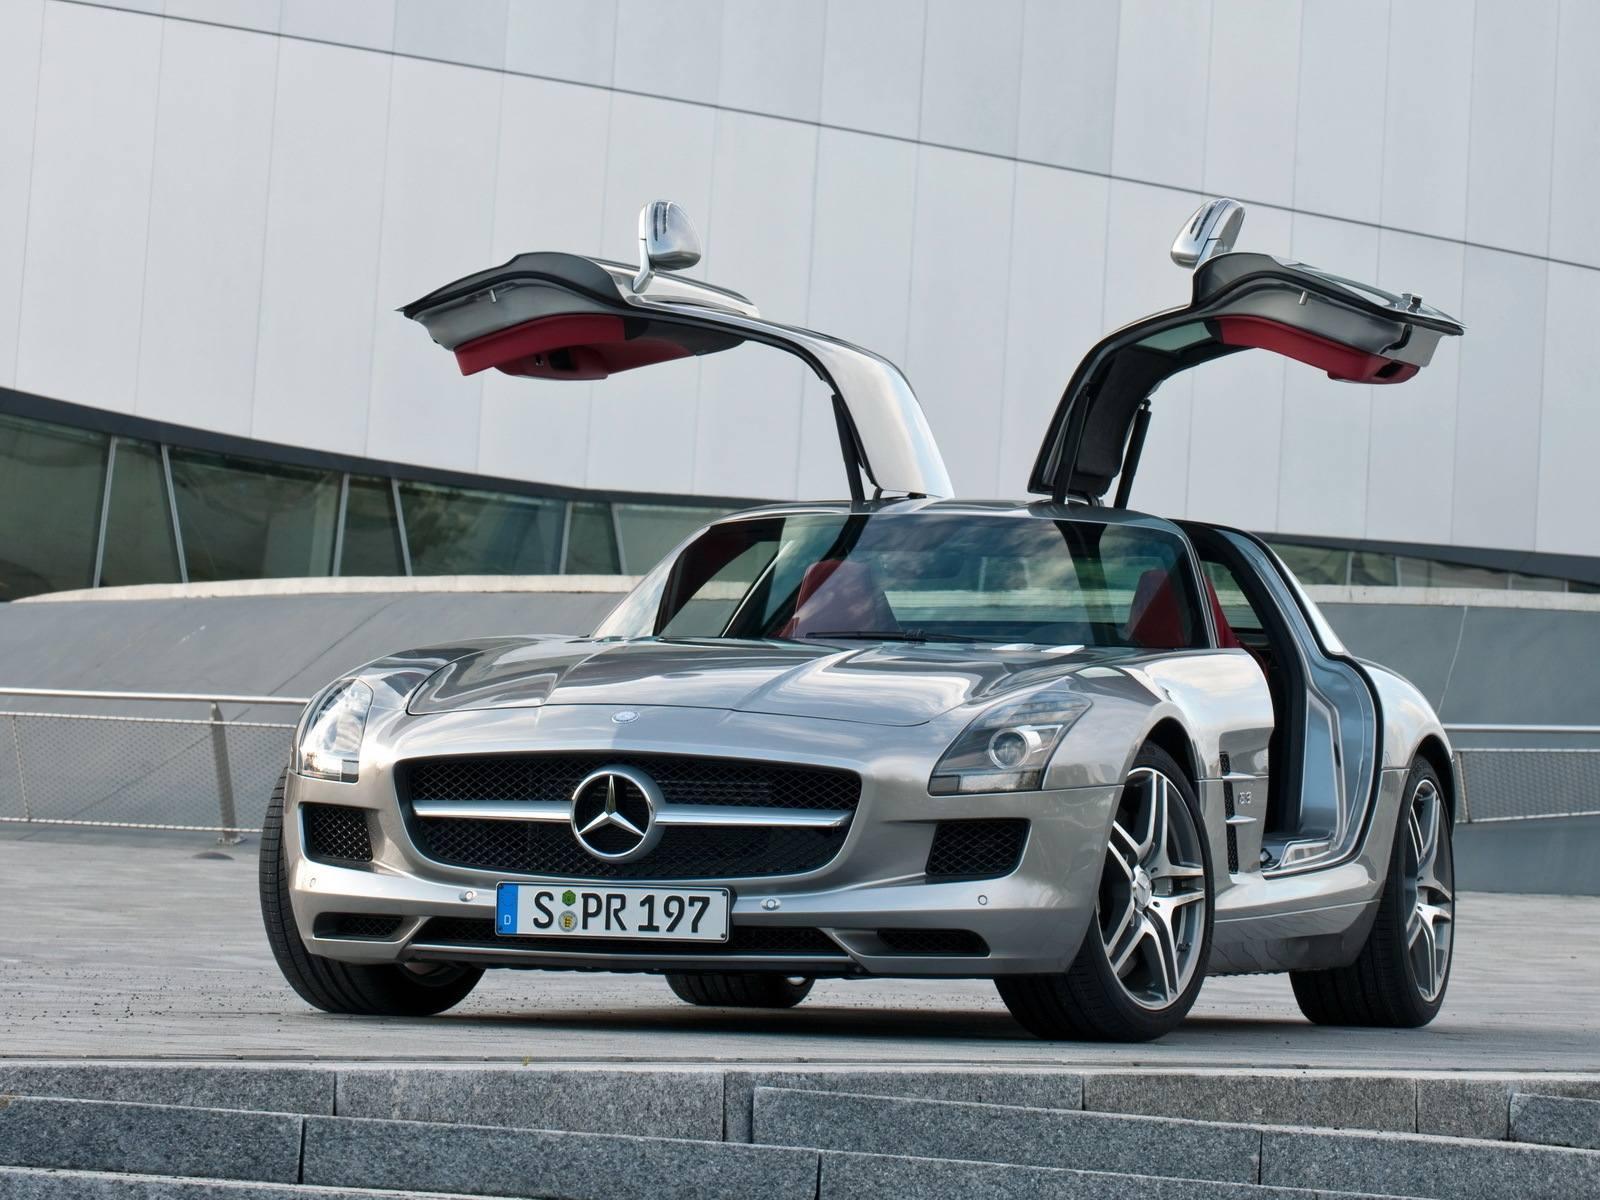 SLS AMG Mercedes Benz